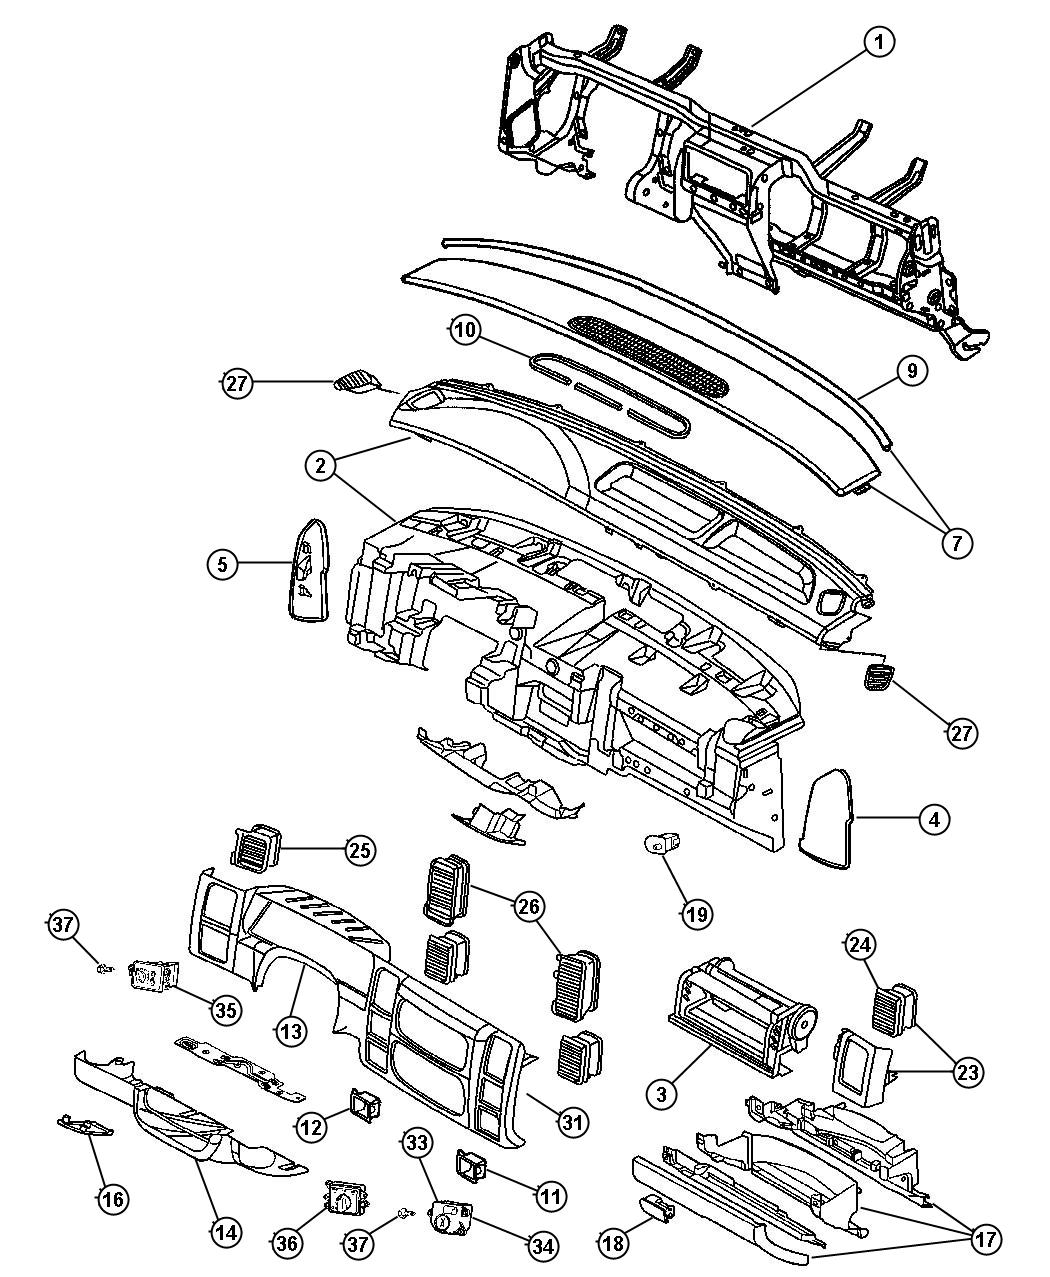 2013 Chrysler 300 Cover. Steering column. [d5]. Trim: [all